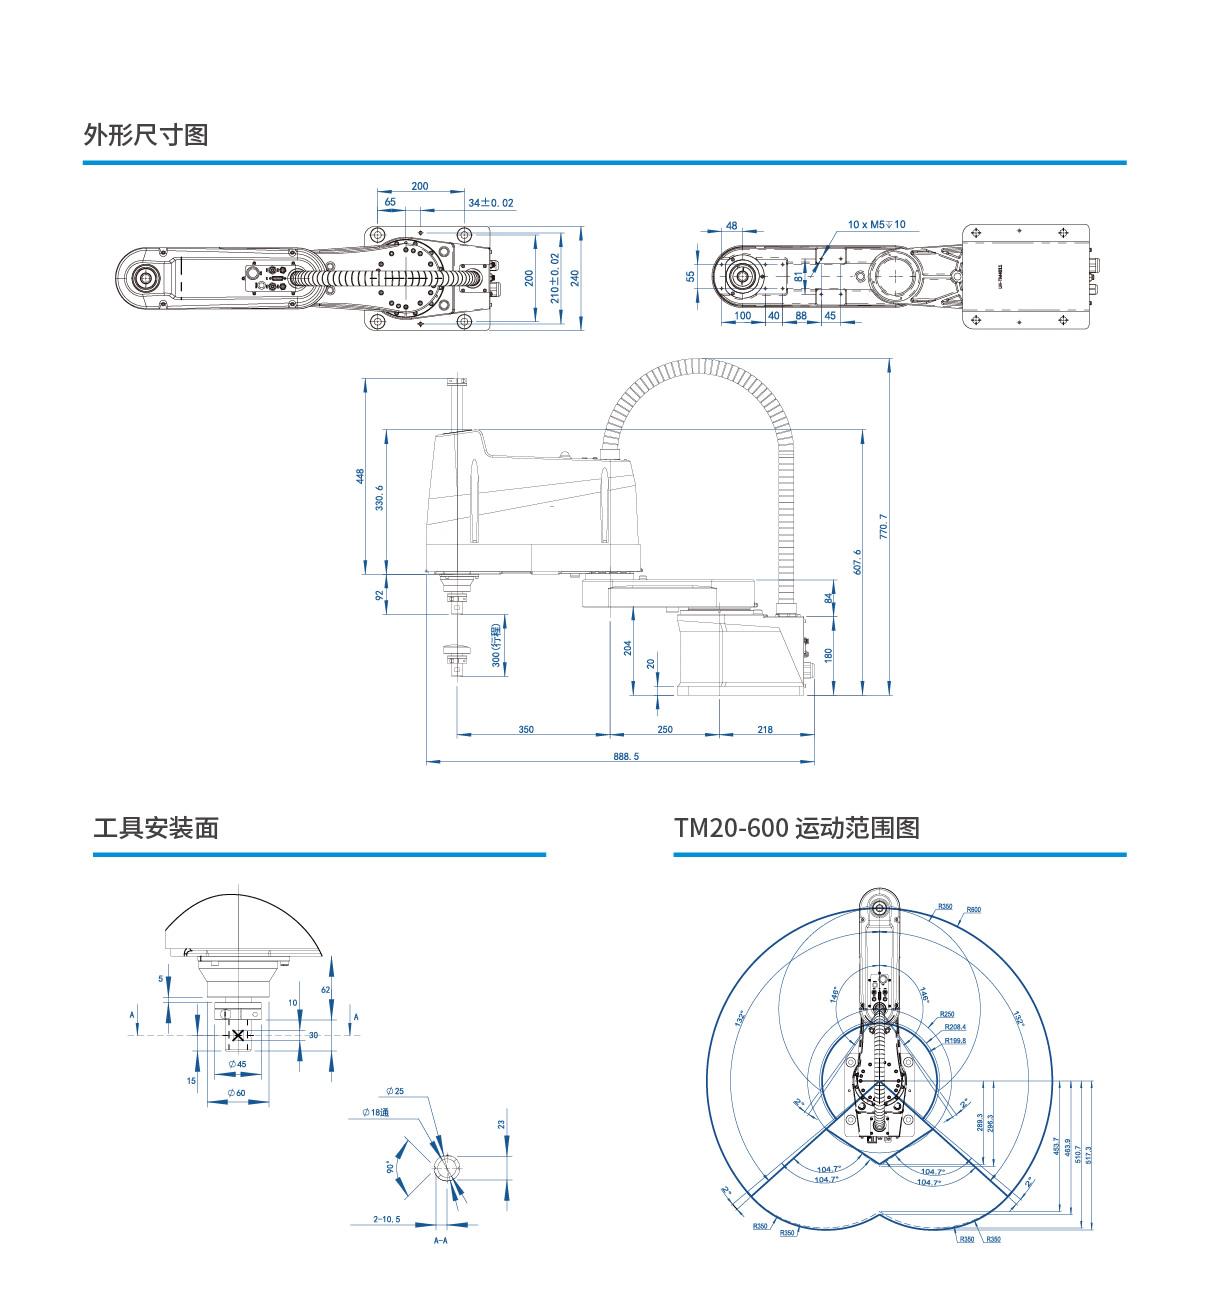 灵猴 TM20-R600 SCARA机器人